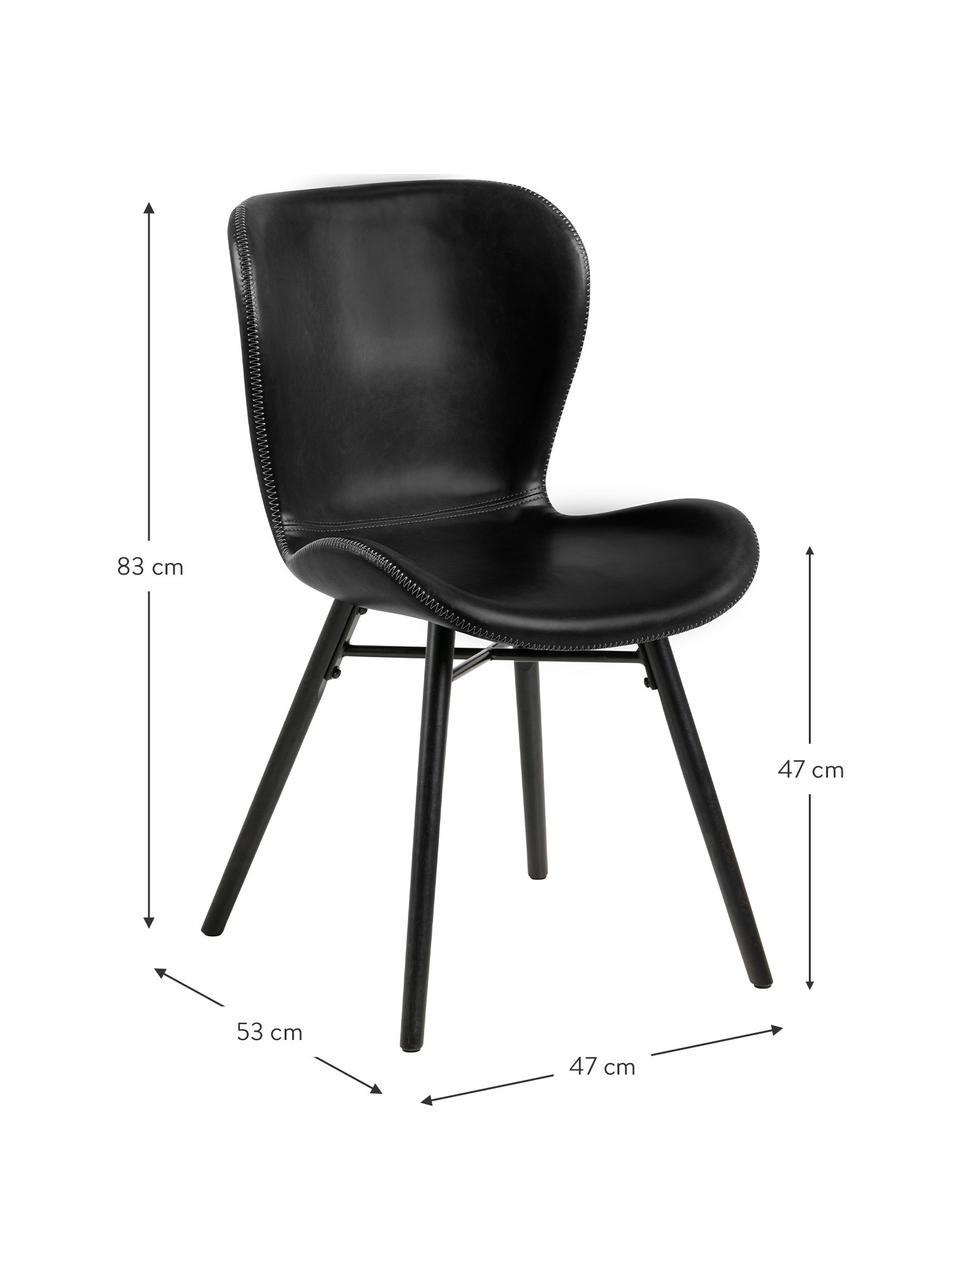 Chaise noire en cuir synthétique rembourrée Batilda, 2pièces, Cuir synthétique noir